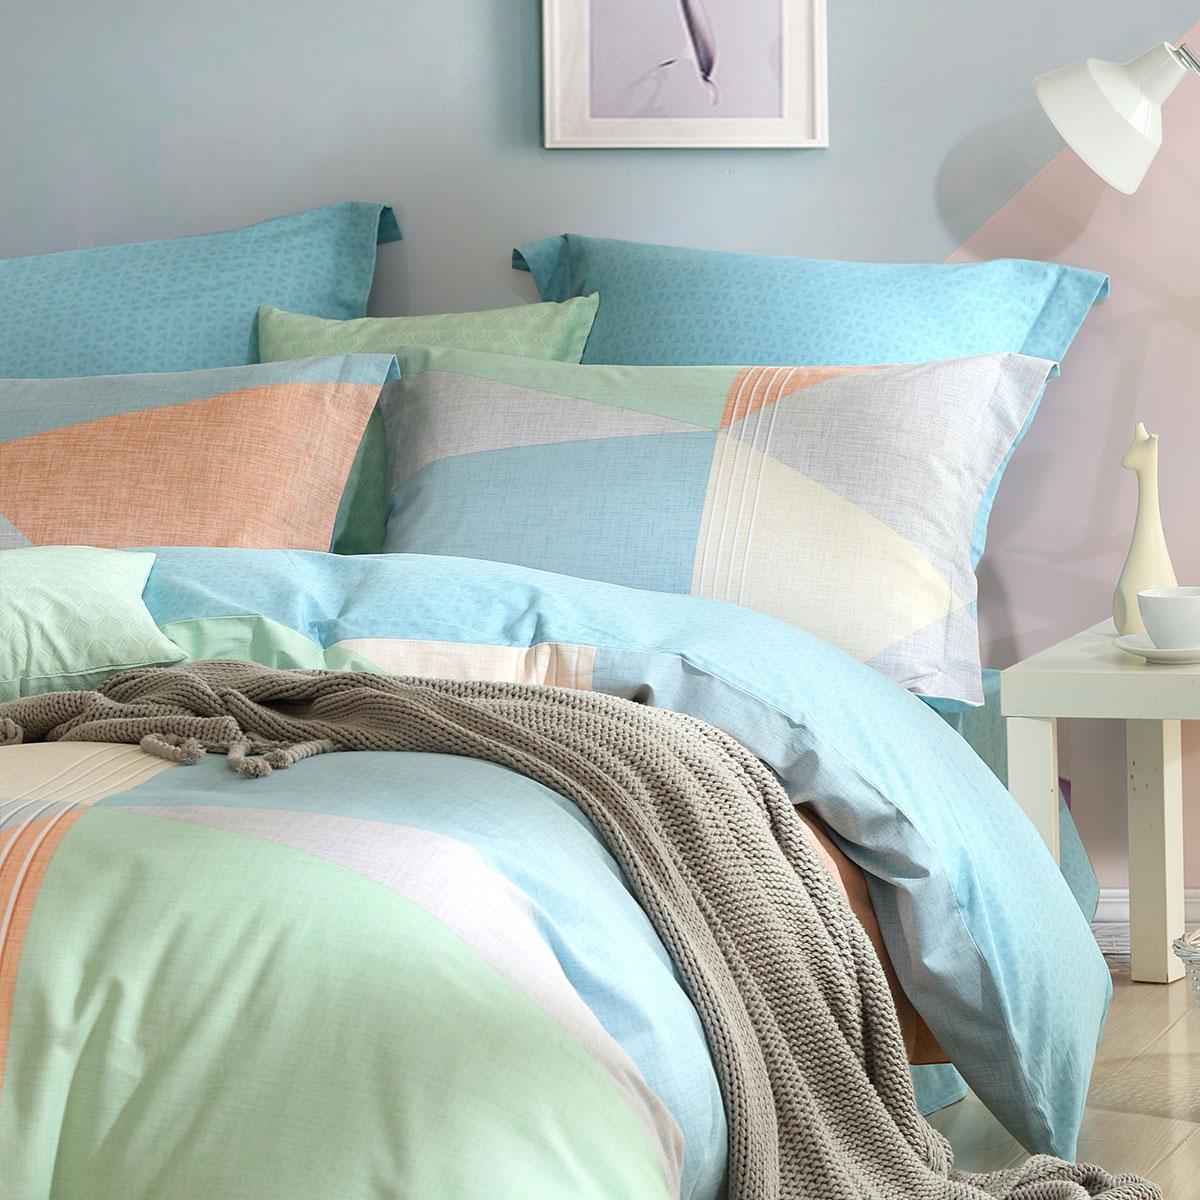 双人床单套件床上用品 1.8m 水星家纺磨毛四件套全棉纯棉耳语海岸